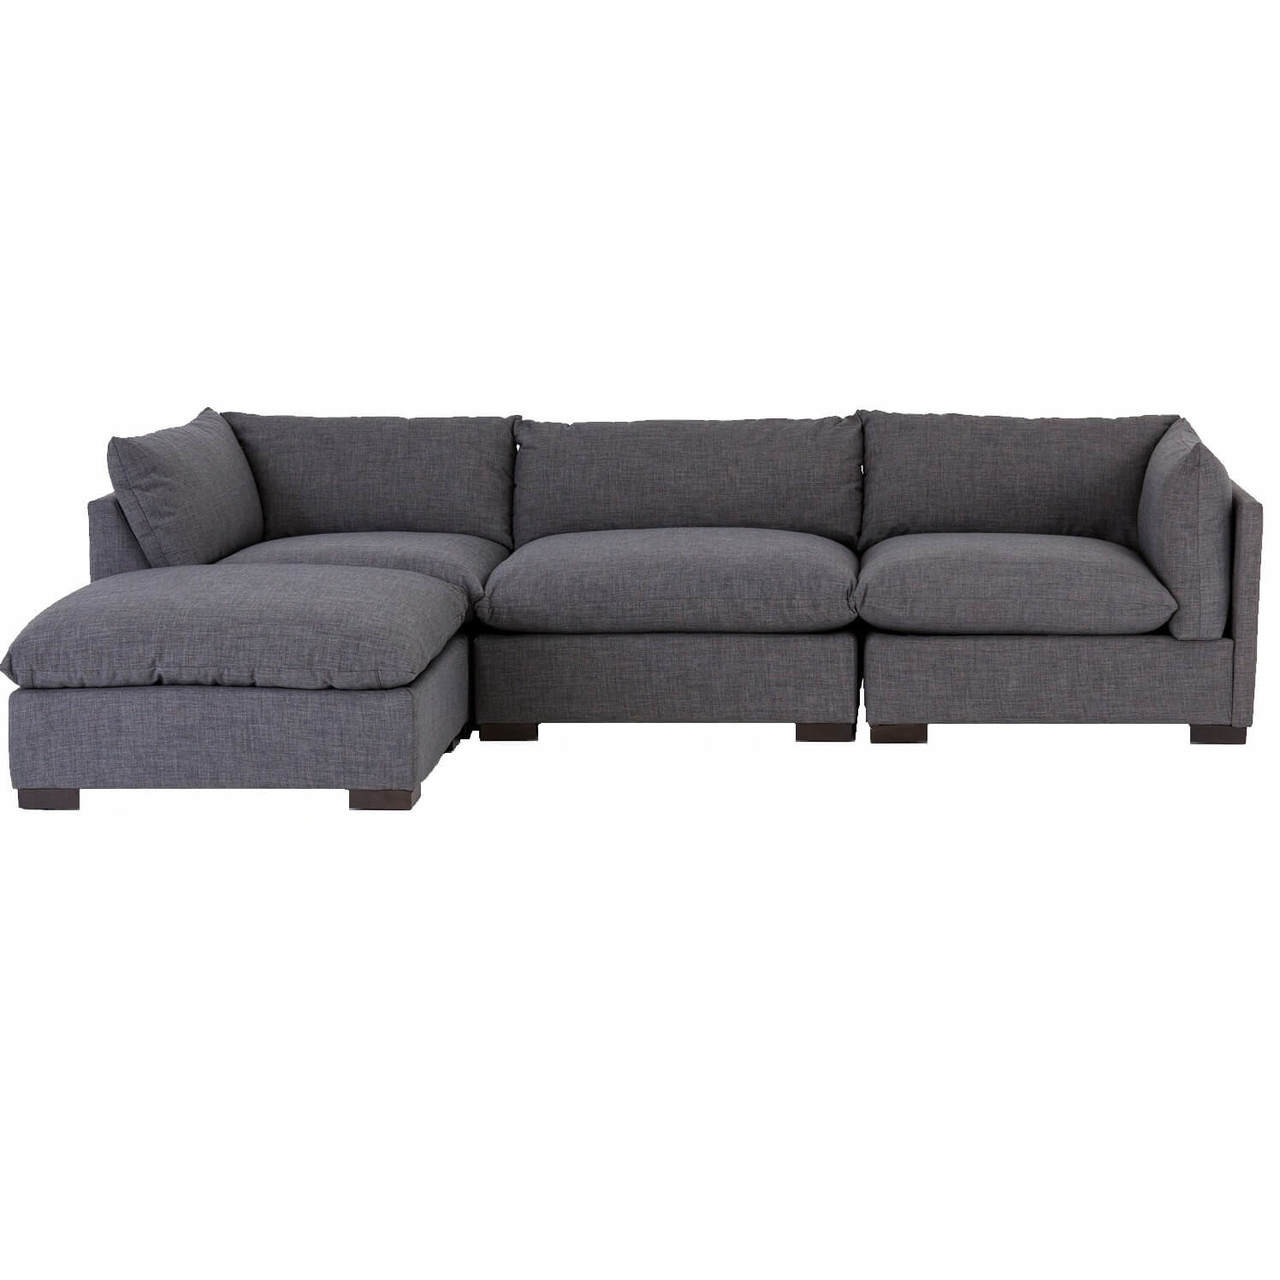 Merveilleux Westworld Modern Gray 4 Piece Modular Lounge Sectional Sofa